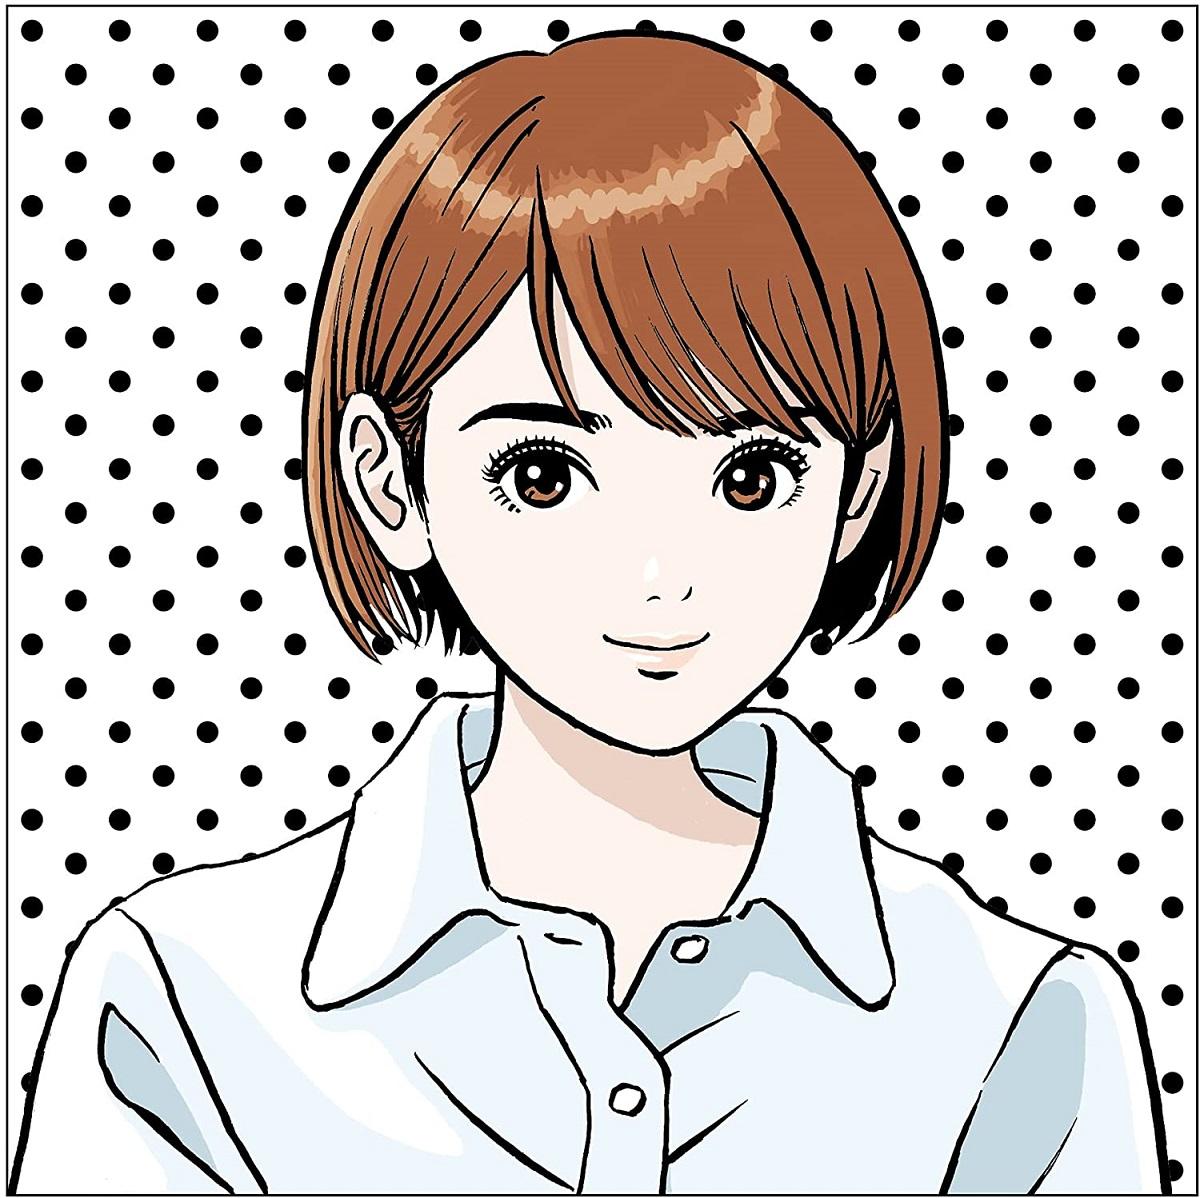 『銀杏BOYZ - 少年少女』収録の『少年少女』ジャケット